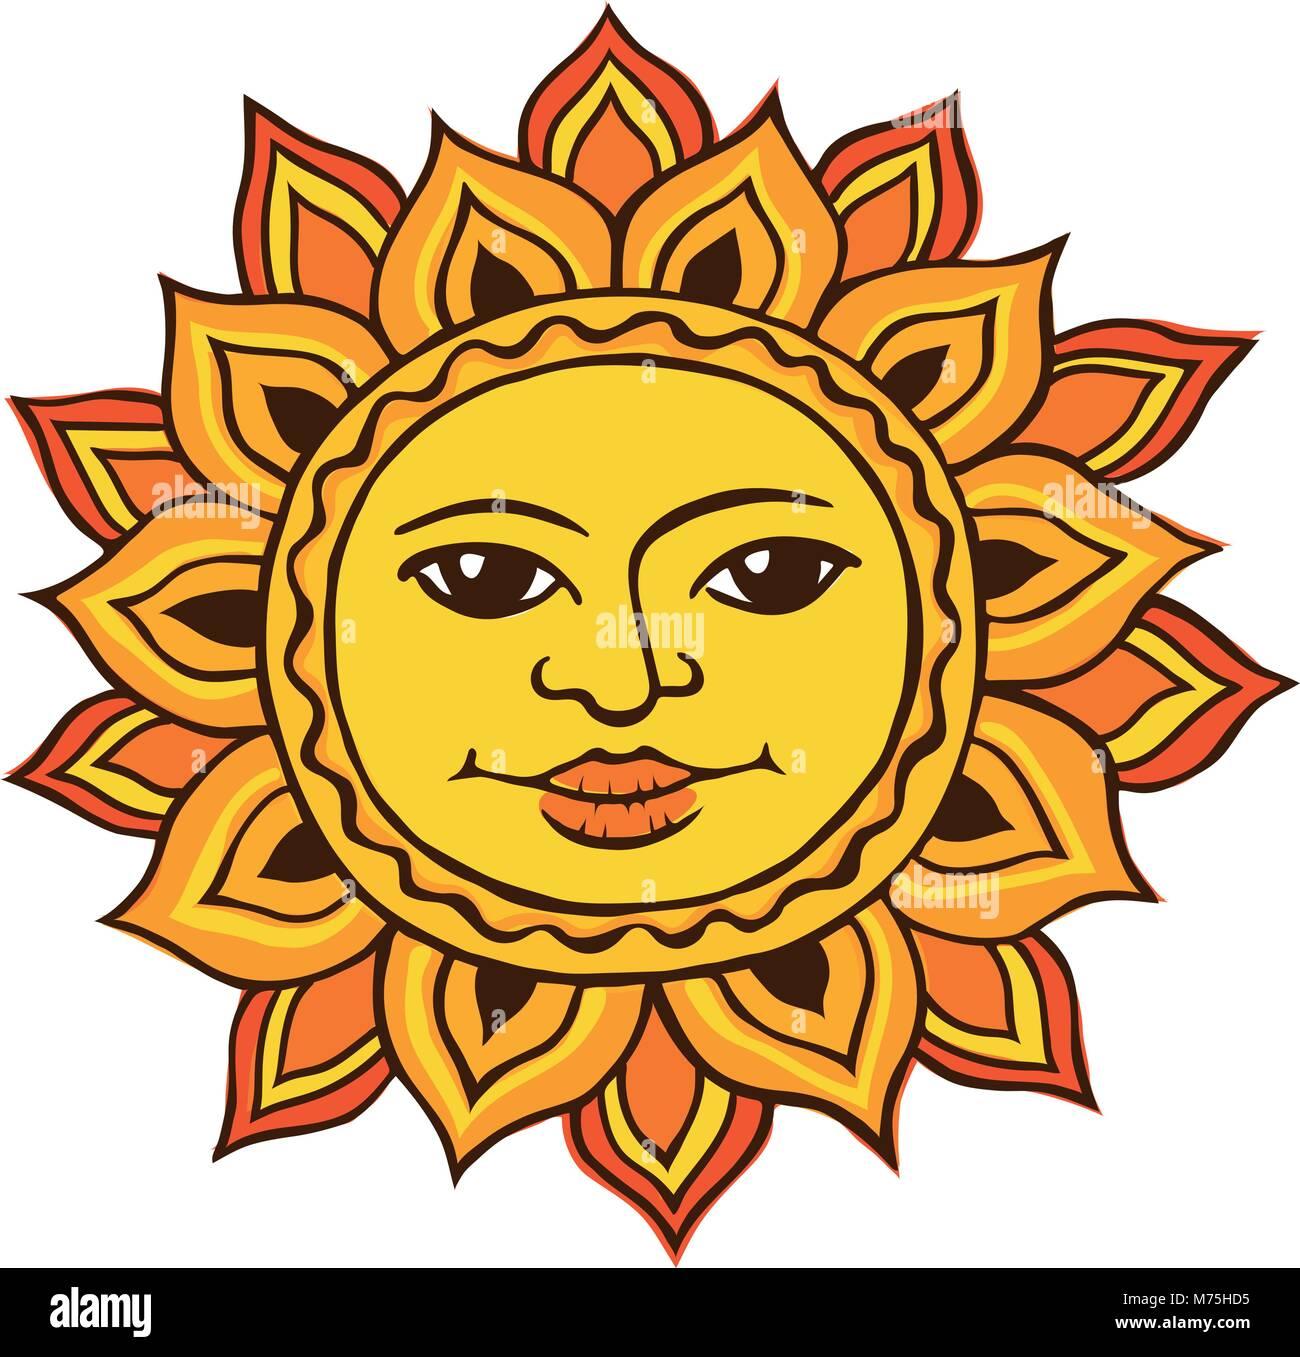 dibujo étnico del sol ilustración del vector imagen 176529729 alamy